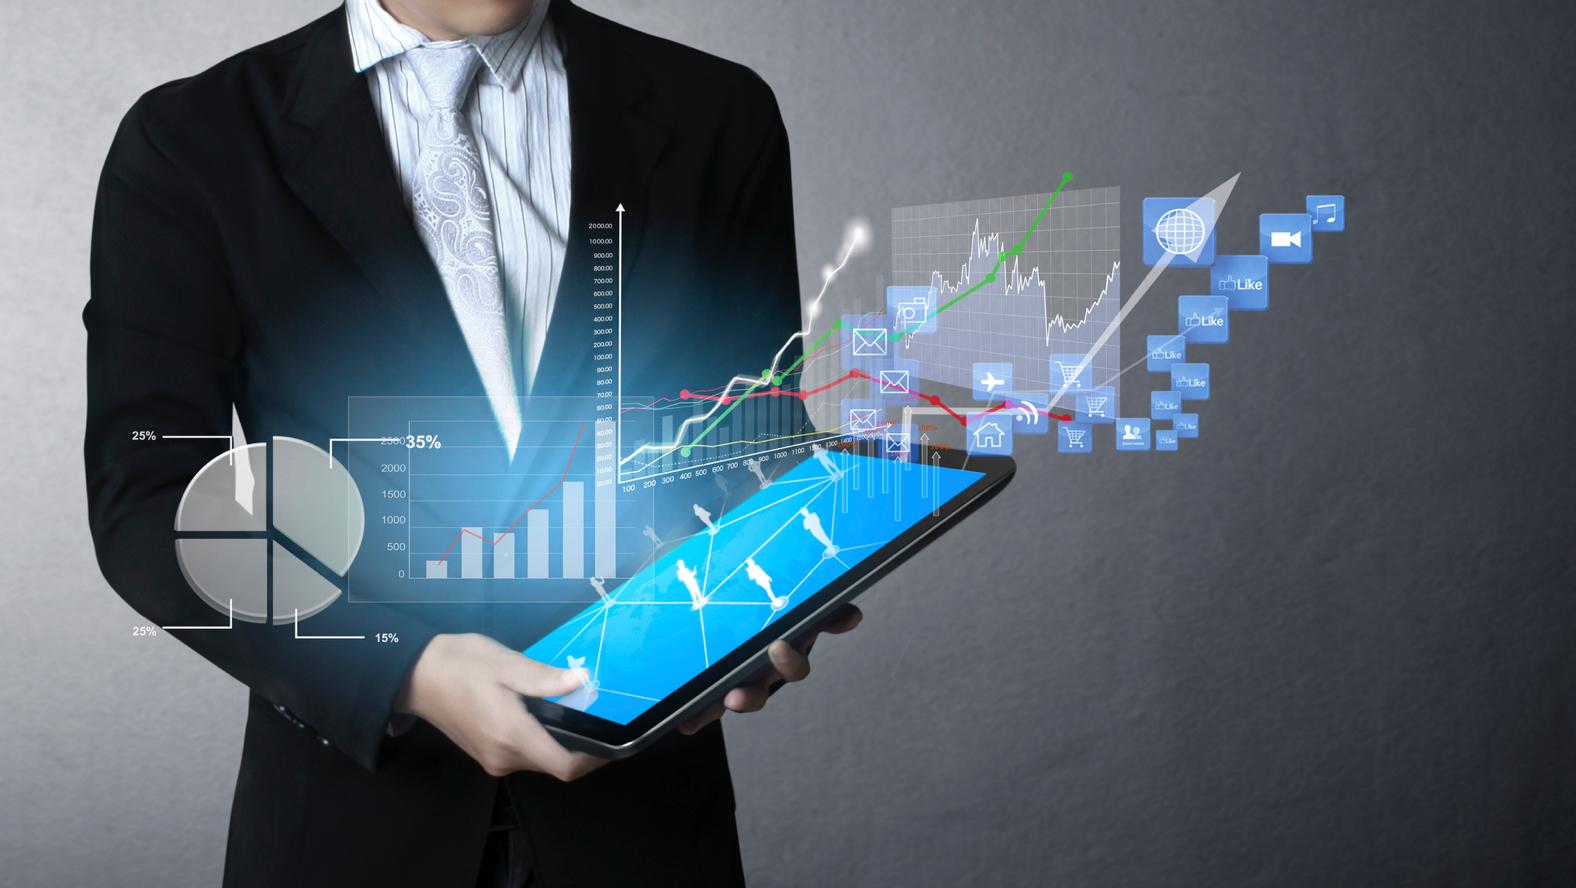 نرم افزار حسابداری تحت وب رایگان 8 نرم افزار حسابداری تحت وب رایگان